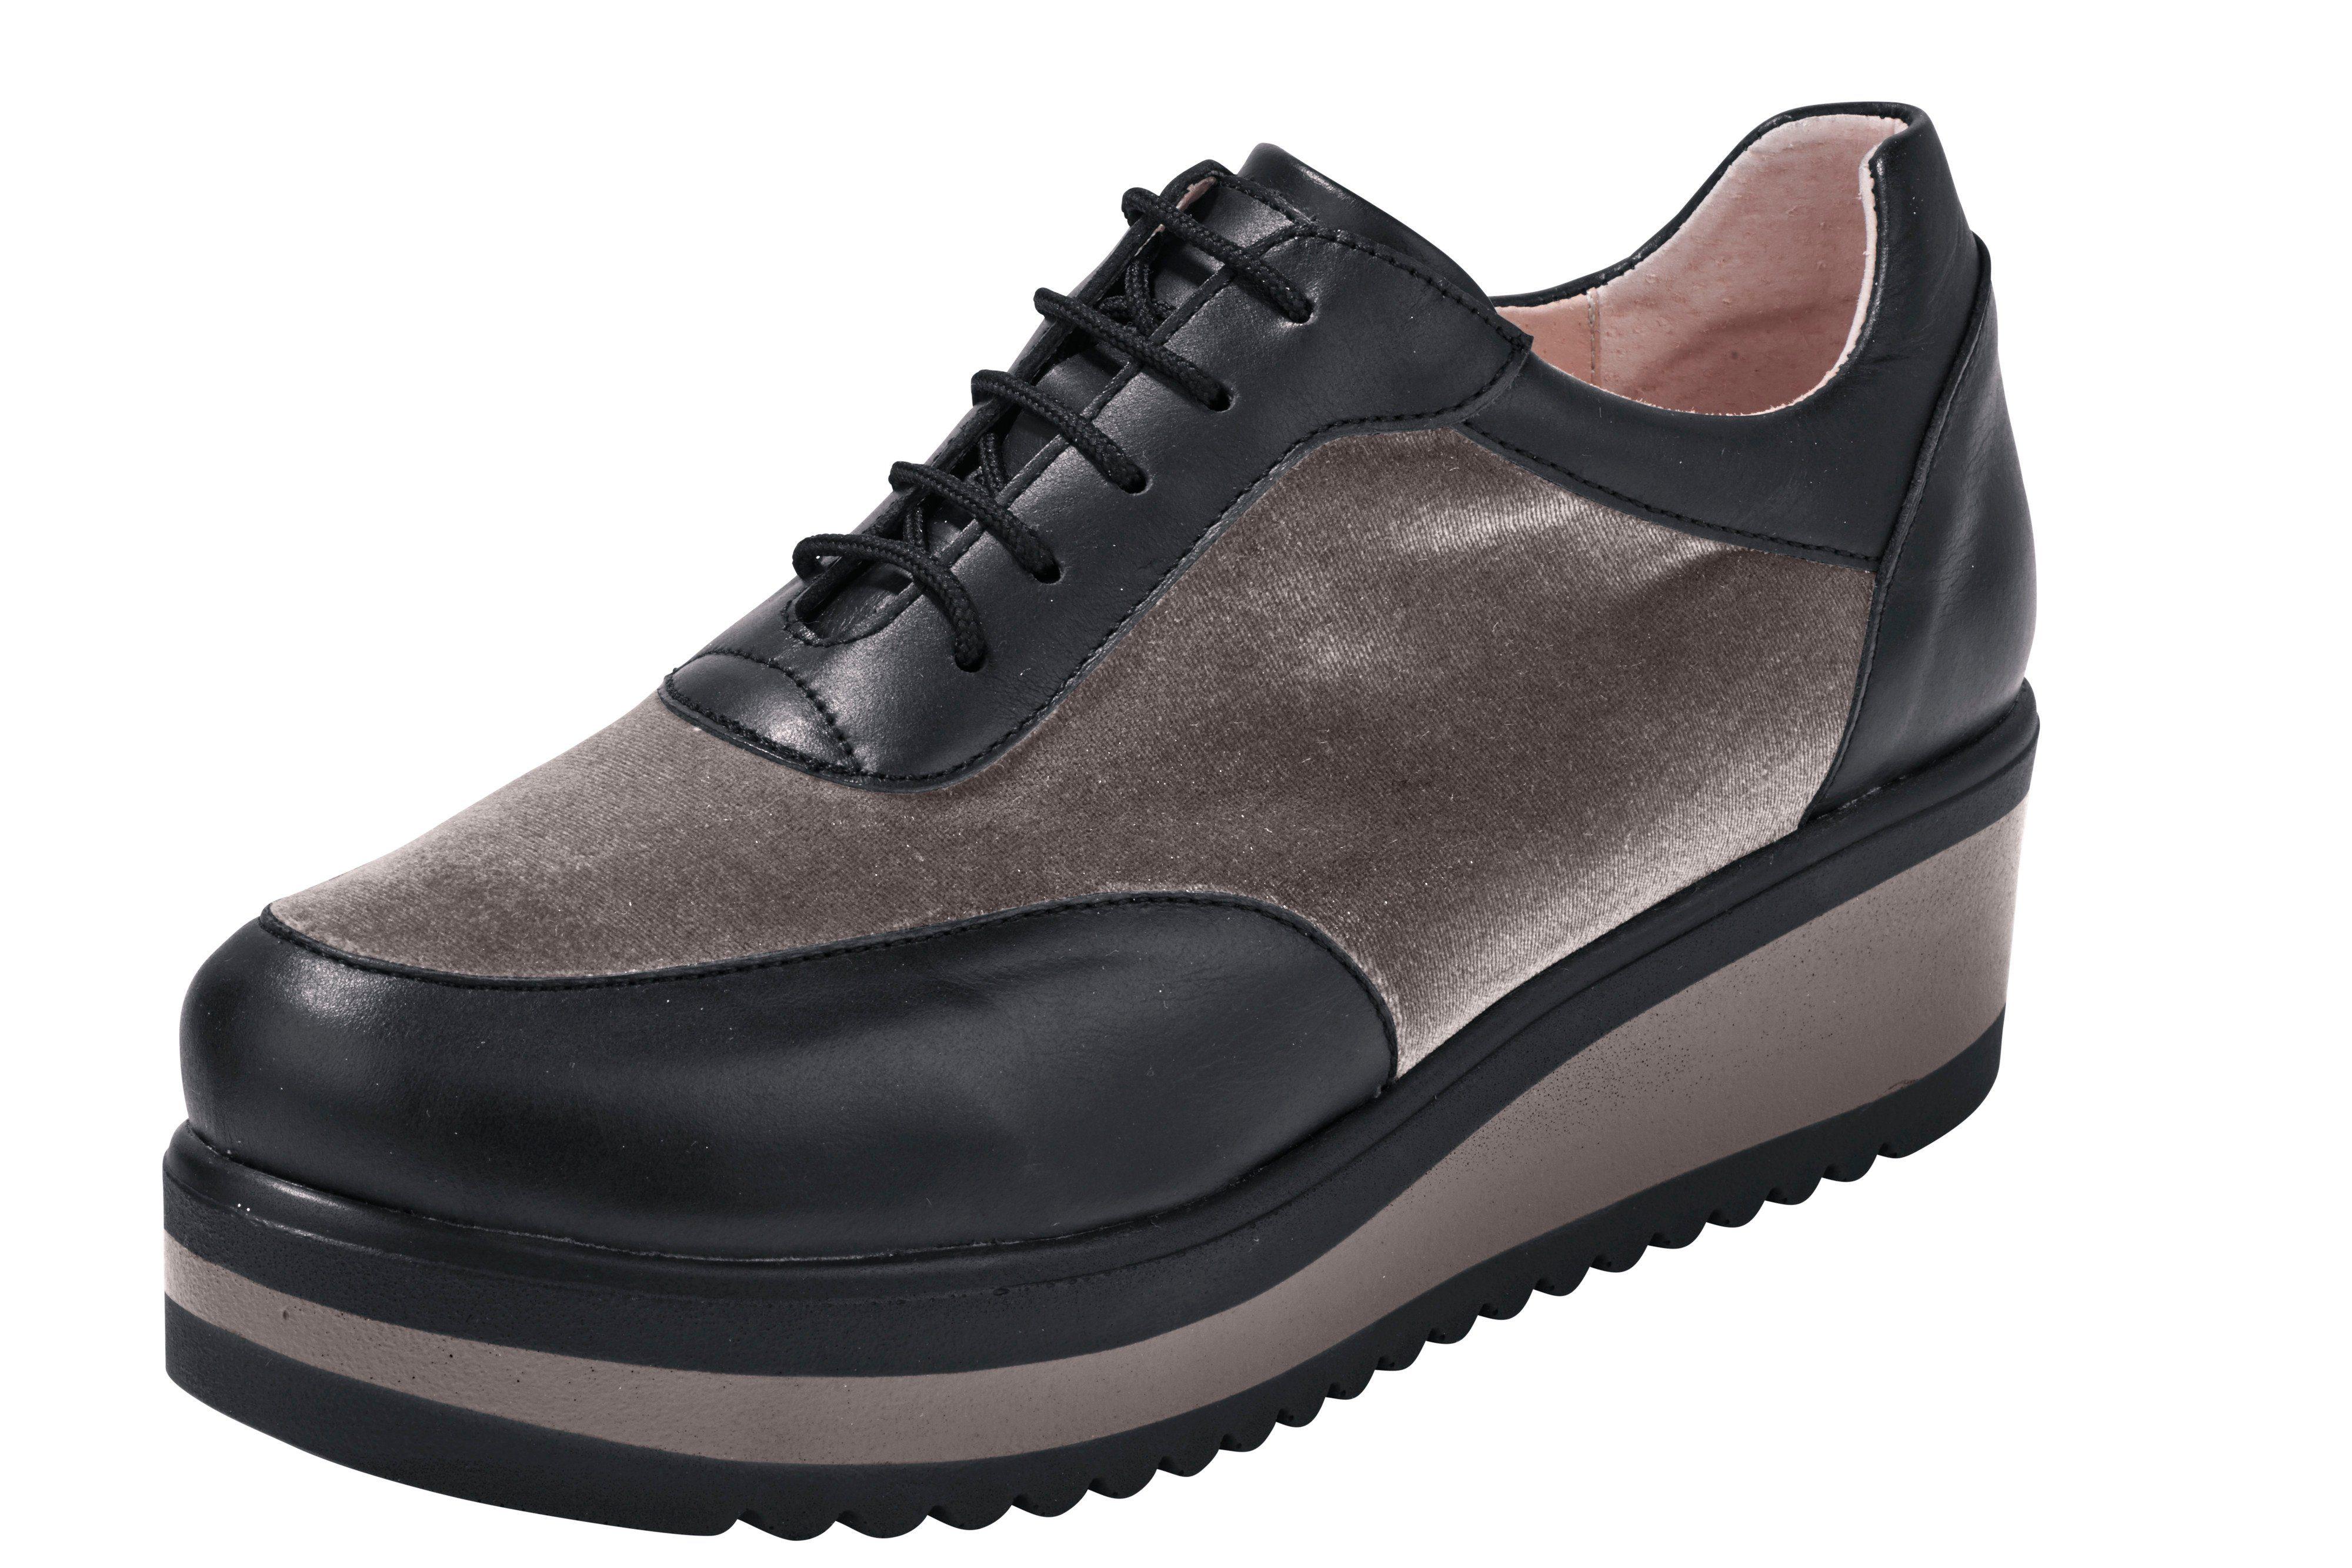 Heine Sneaker online kaufen  schwarz#ft5_slash#grau